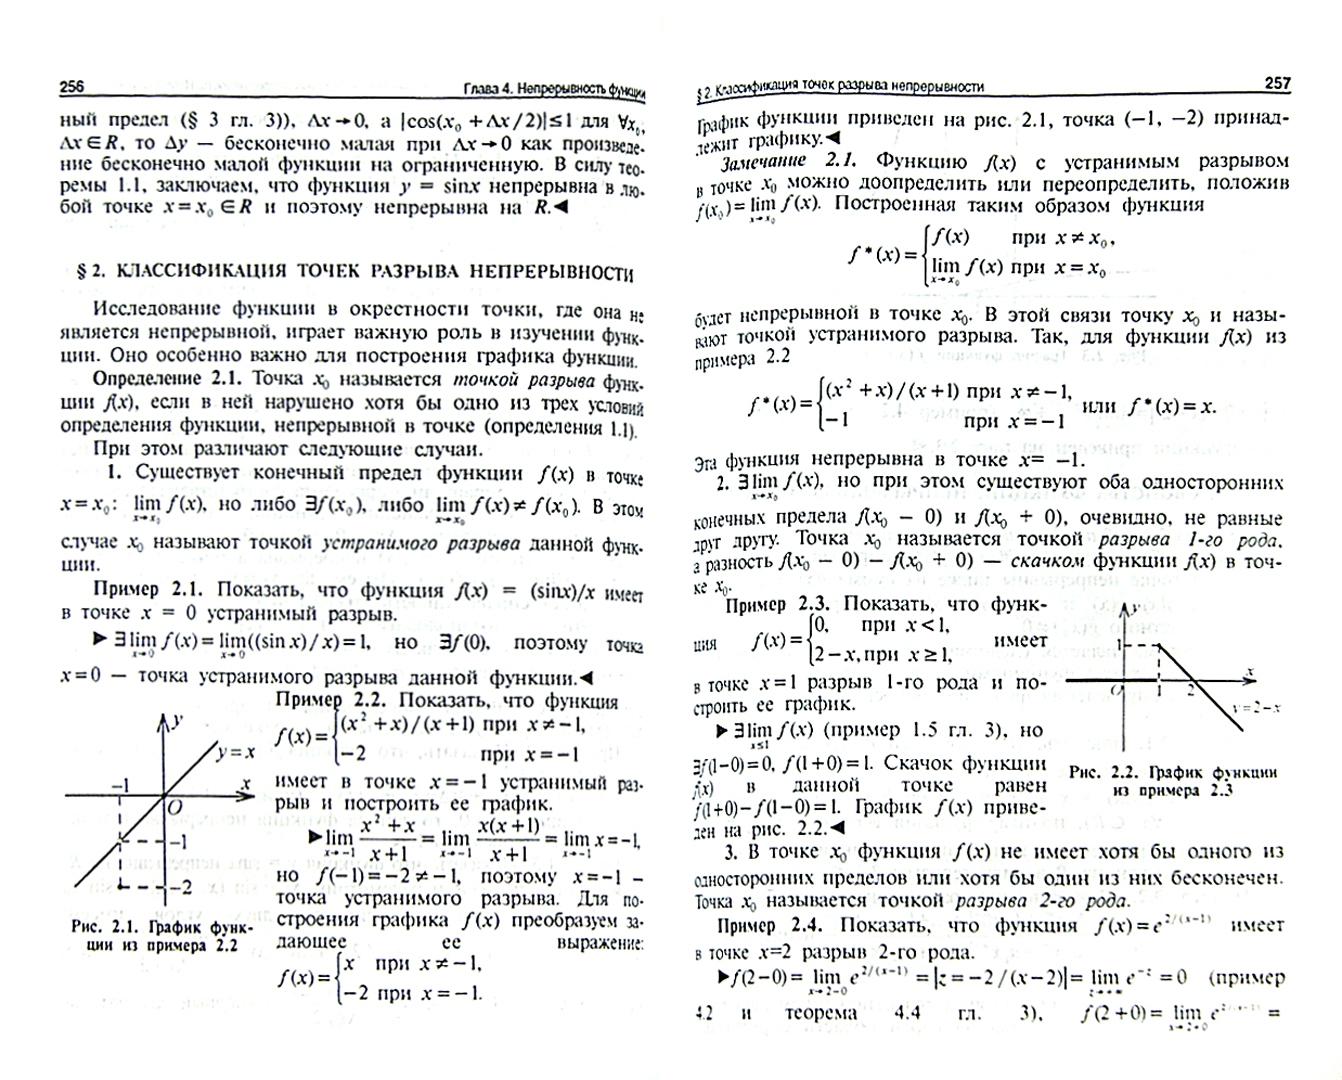 Иллюстрация 1 из 17 для Высшая математика. Том 1. Учебное пособие - Лобкова, Максимов, Хватов | Лабиринт - книги. Источник: Лабиринт